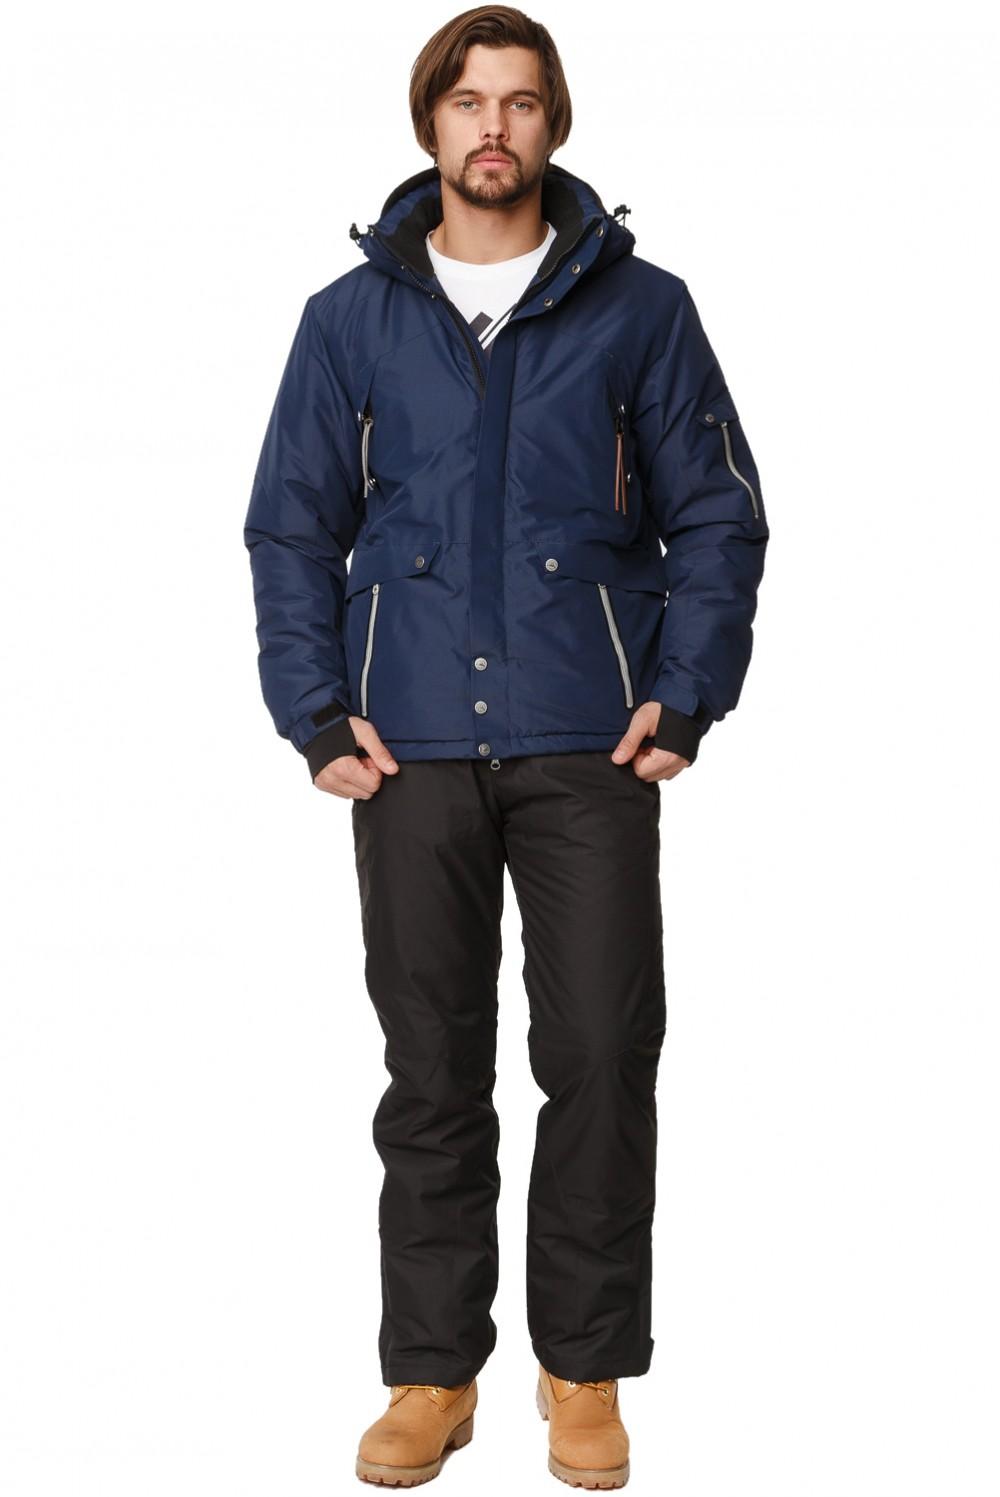 Купить Костюм горнолыжный мужской темно-синего цвета 01788TS